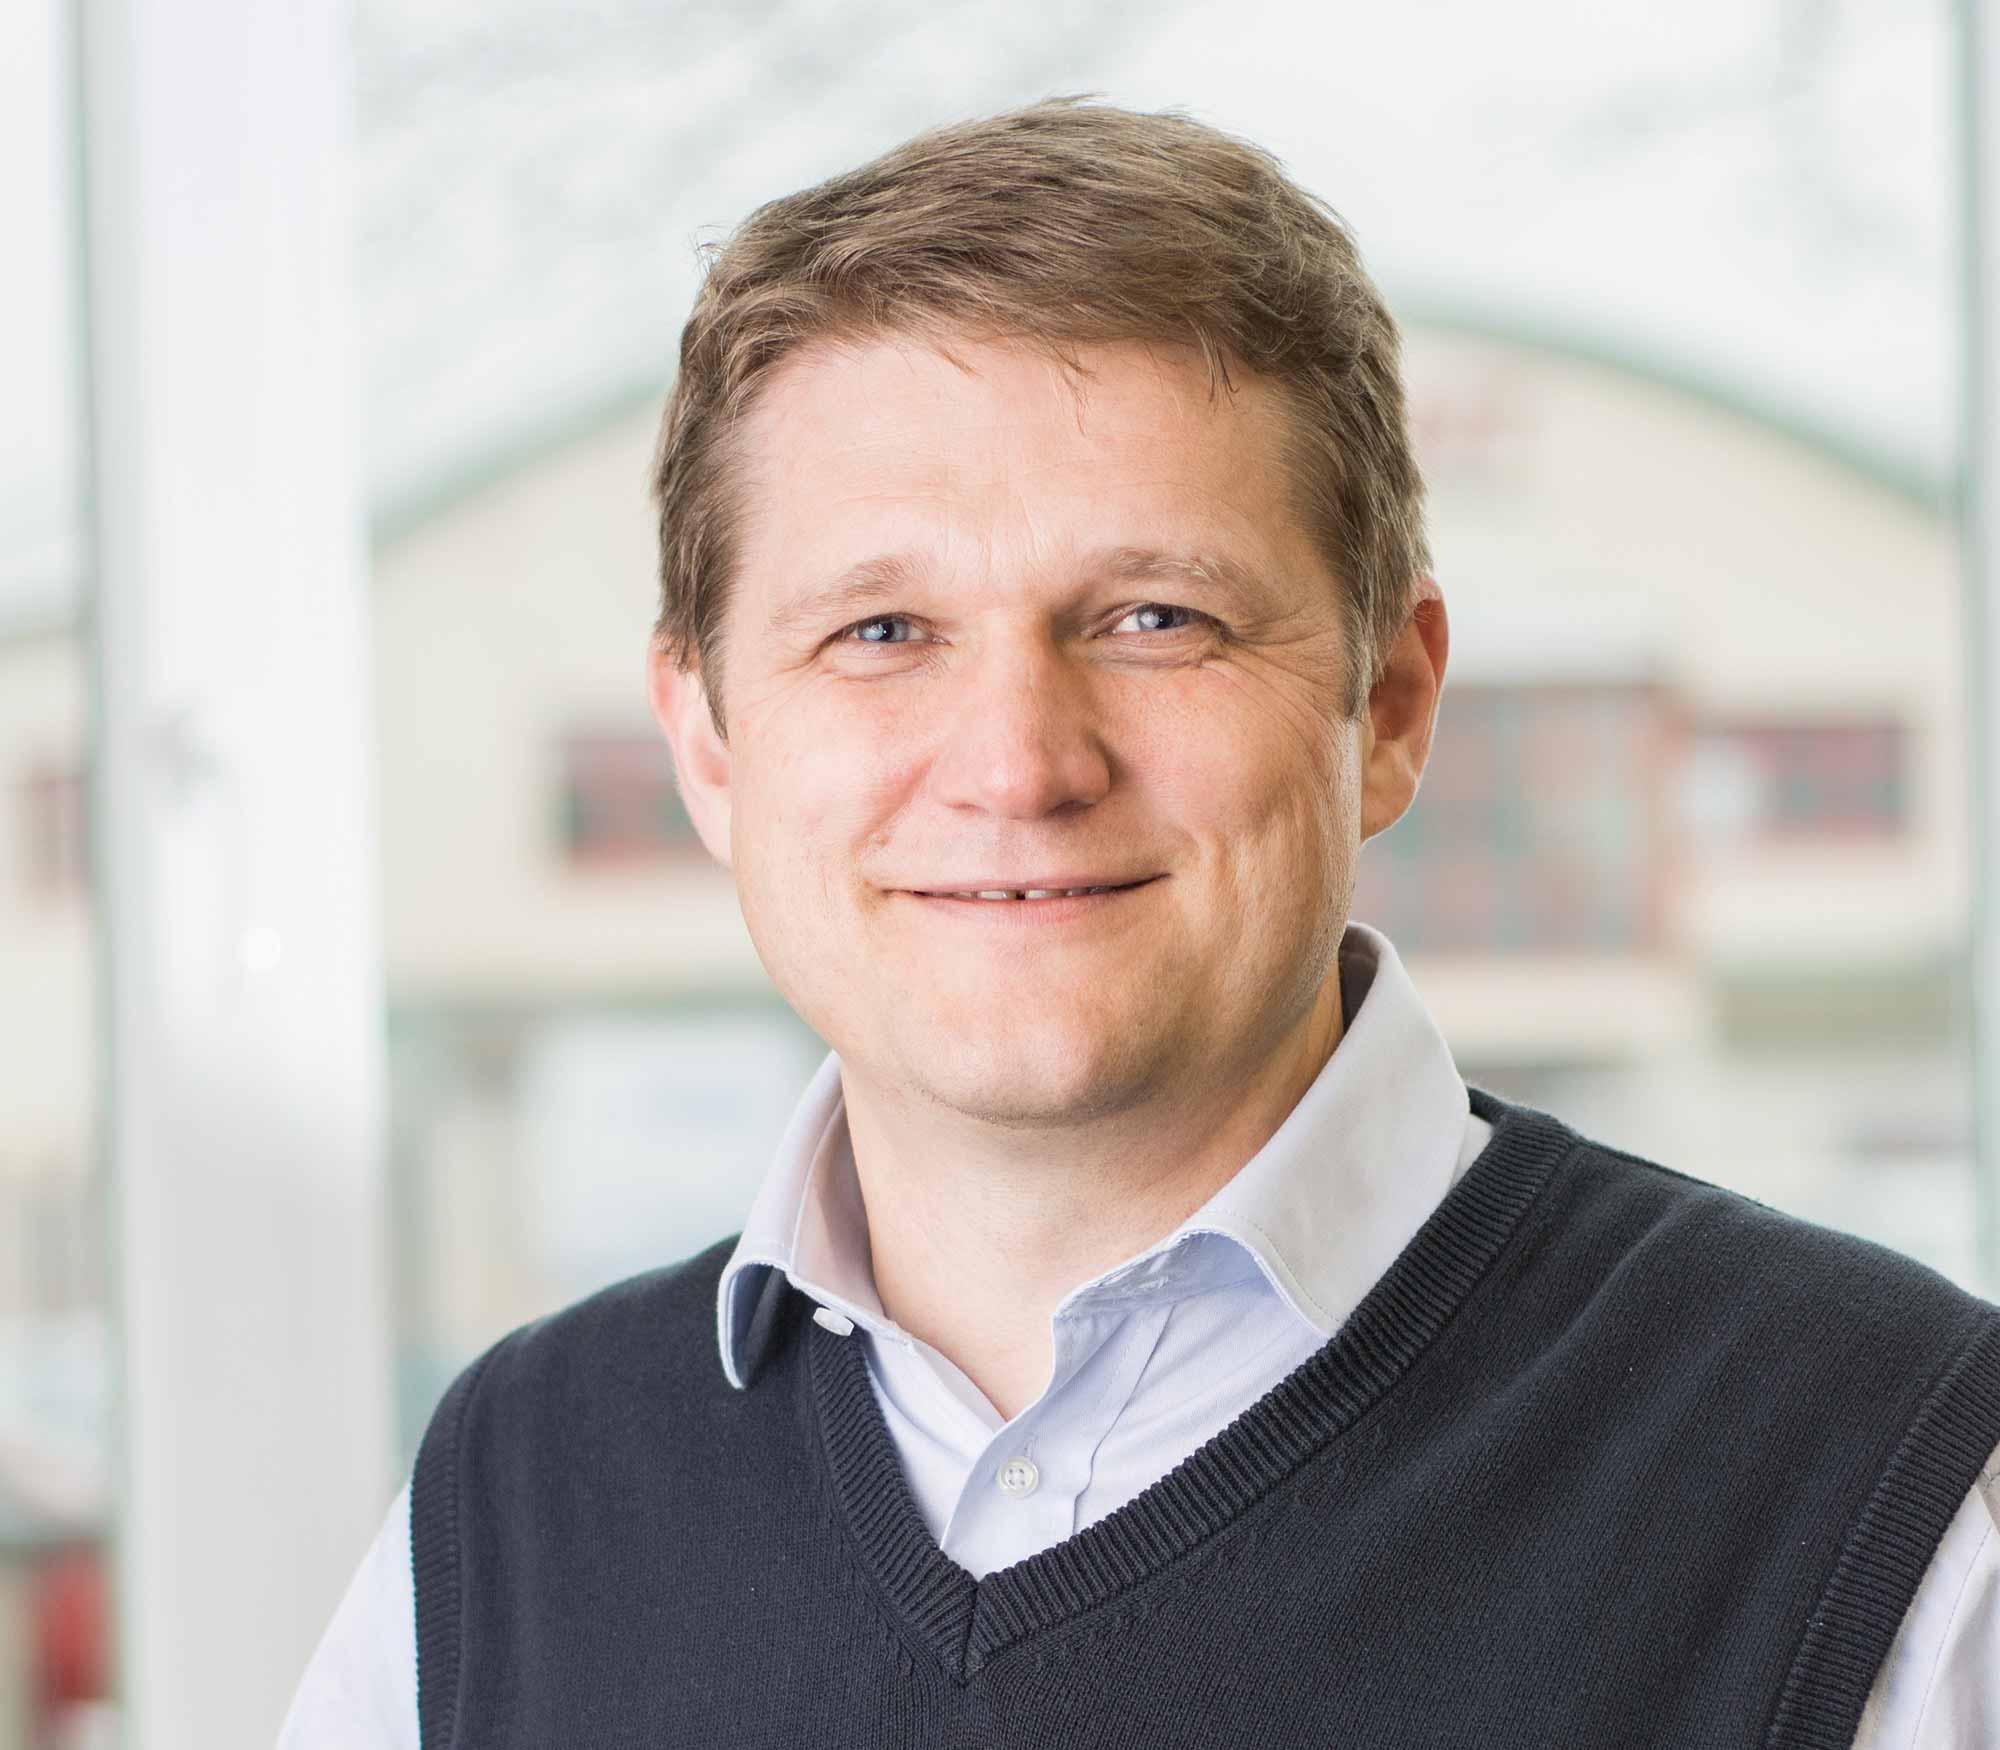 portrét Tomáše Knettiga, jednatel společnosti K-net